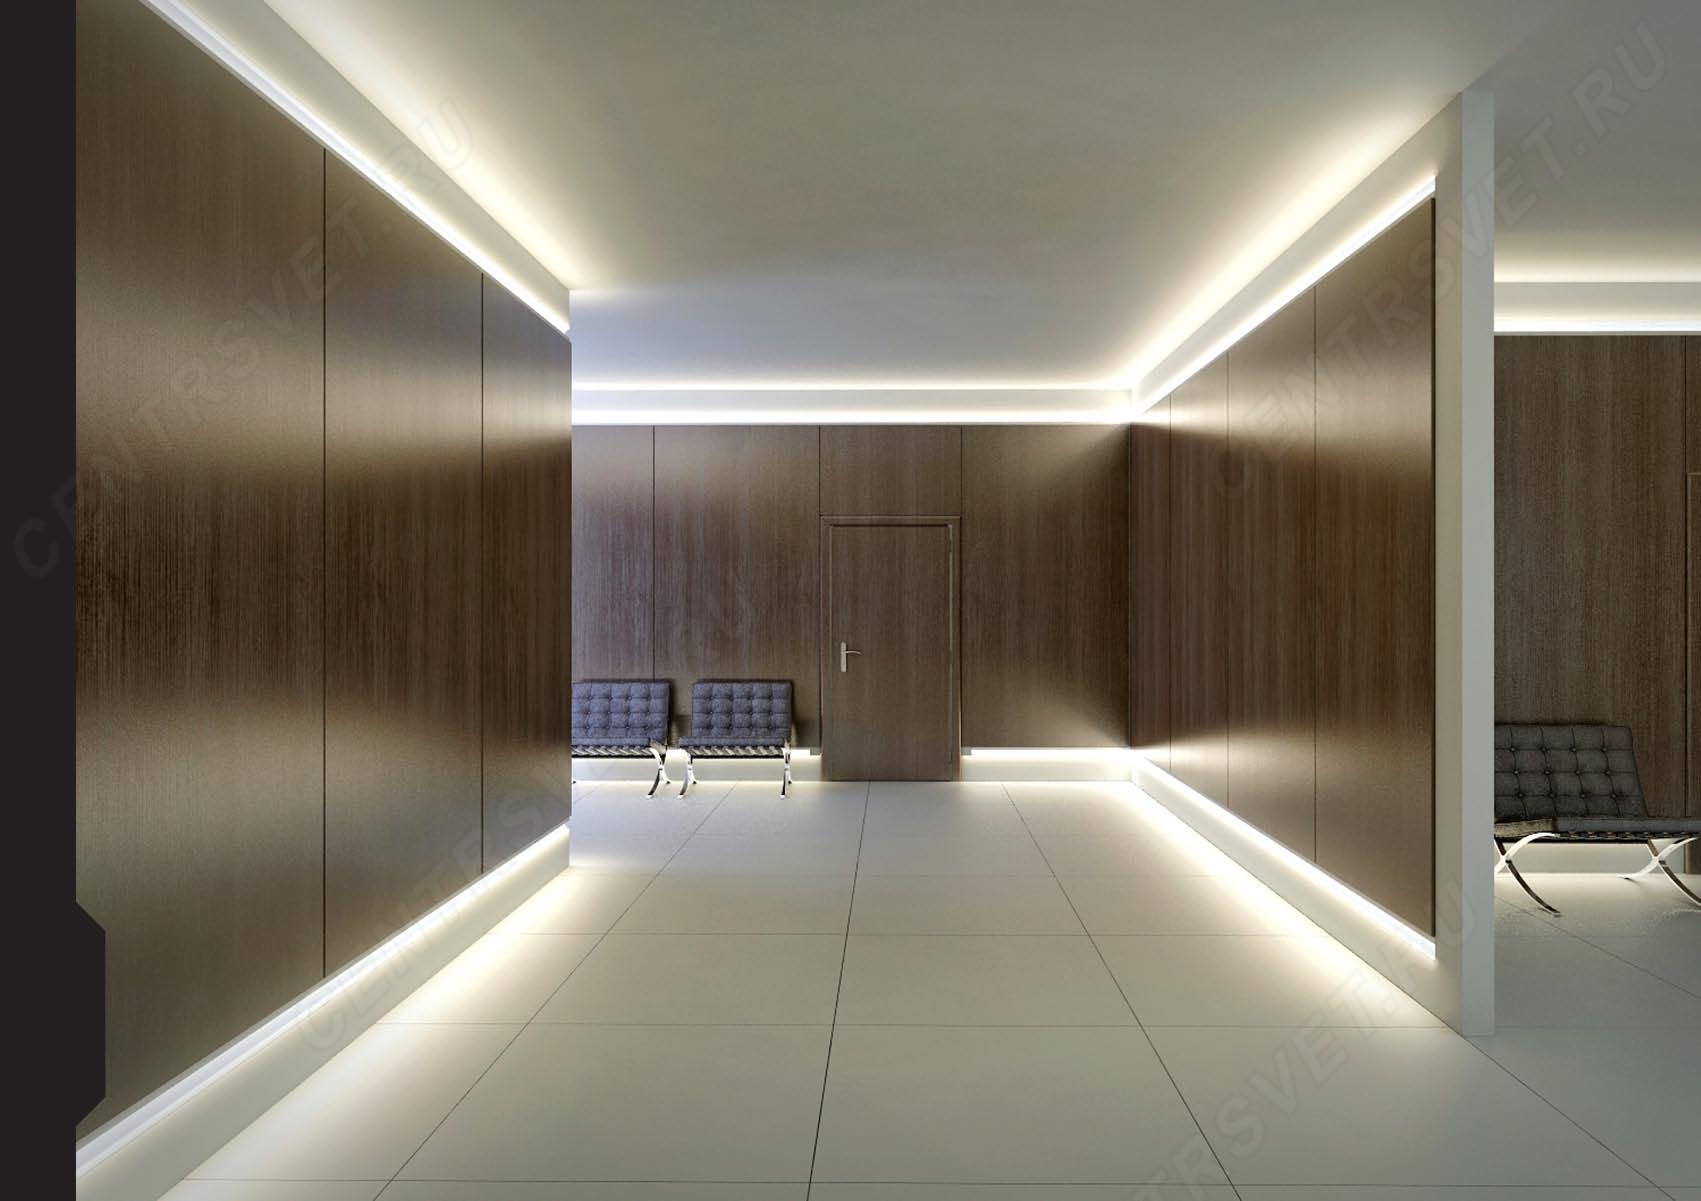 Led светильники для интерьера